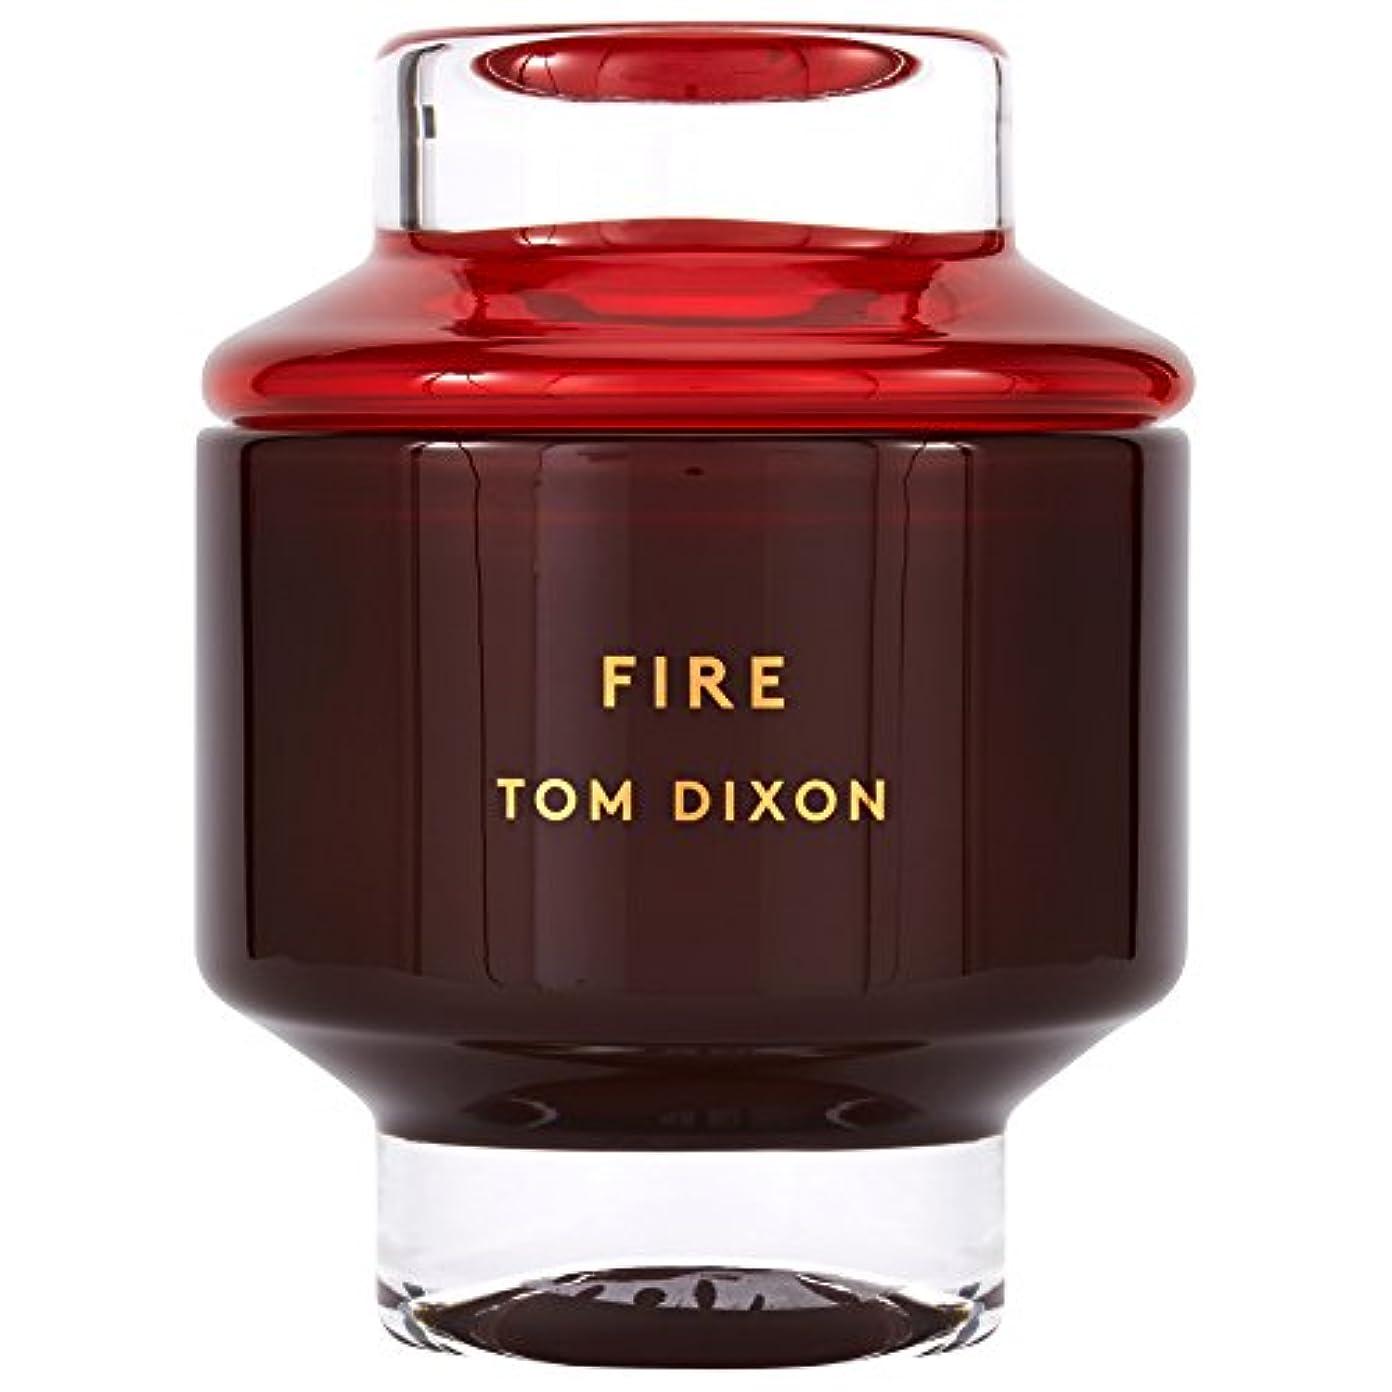 協力するスロベニア劇的トム?ディクソン火災大型香りのキャンドル x6 - Tom Dixon Fire Scented Candle Large (Pack of 6) [並行輸入品]